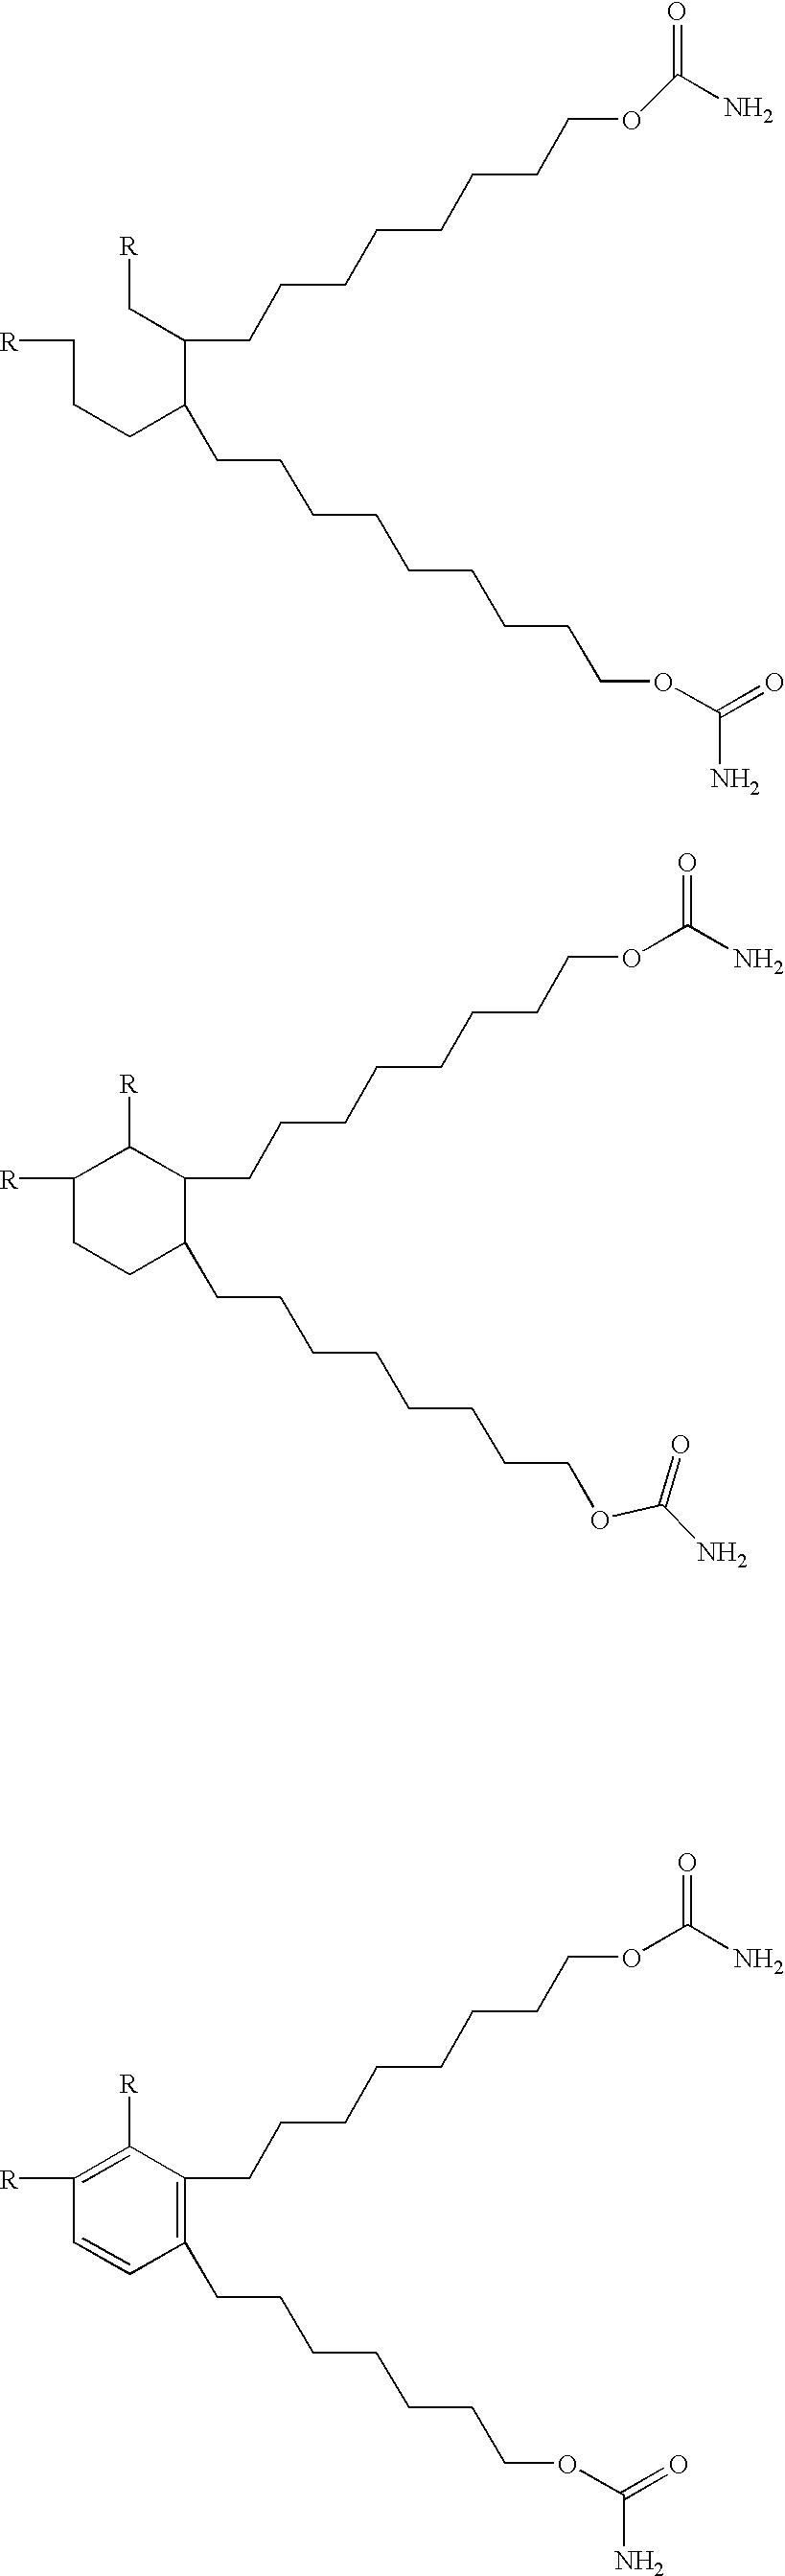 Figure US06541594-20030401-C00001